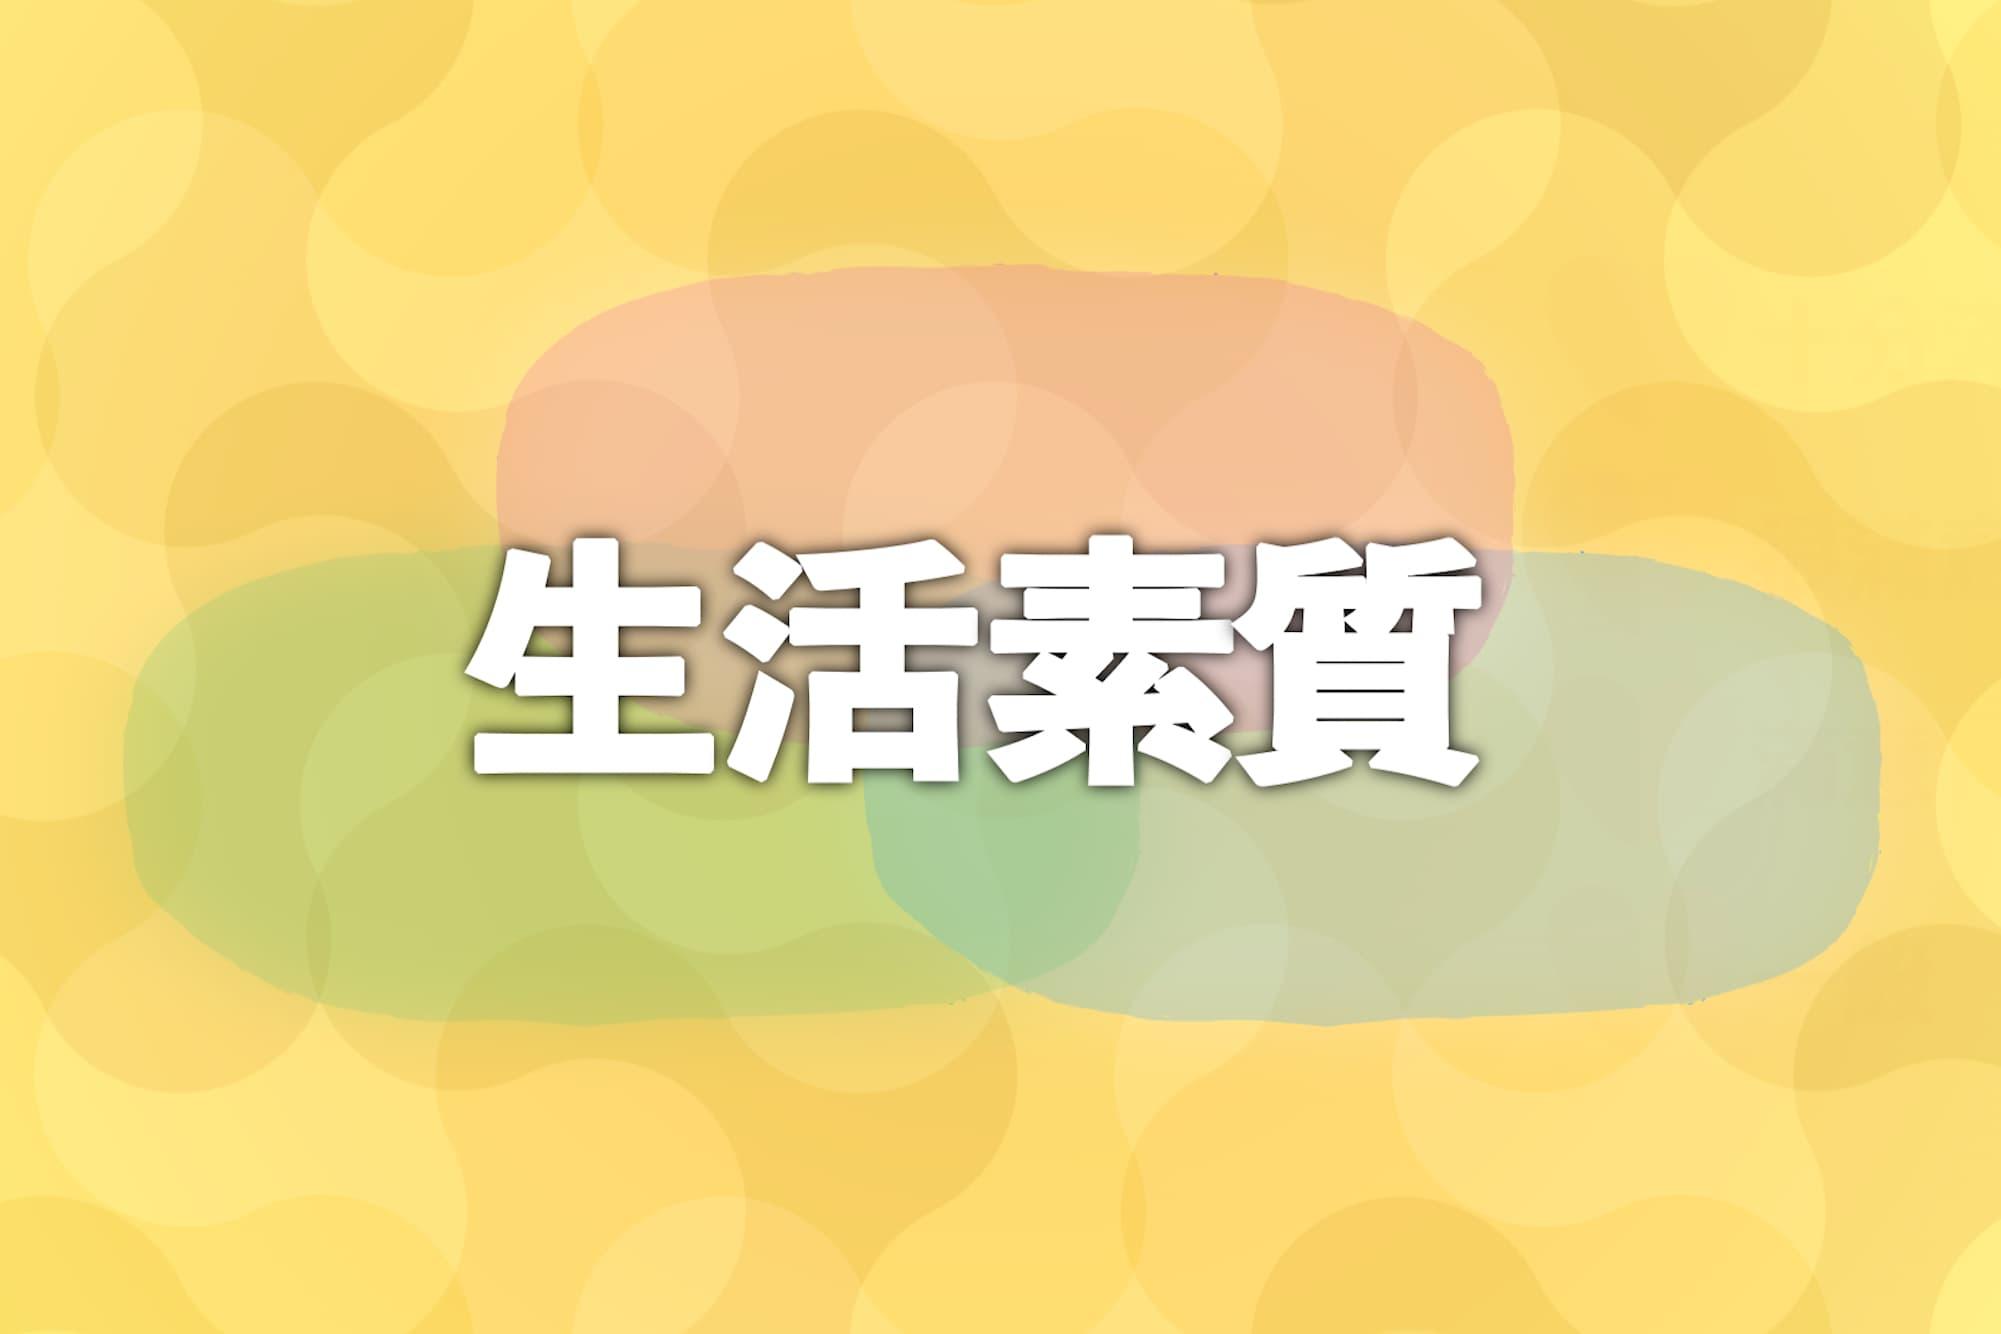 shenghuozhisufengmian